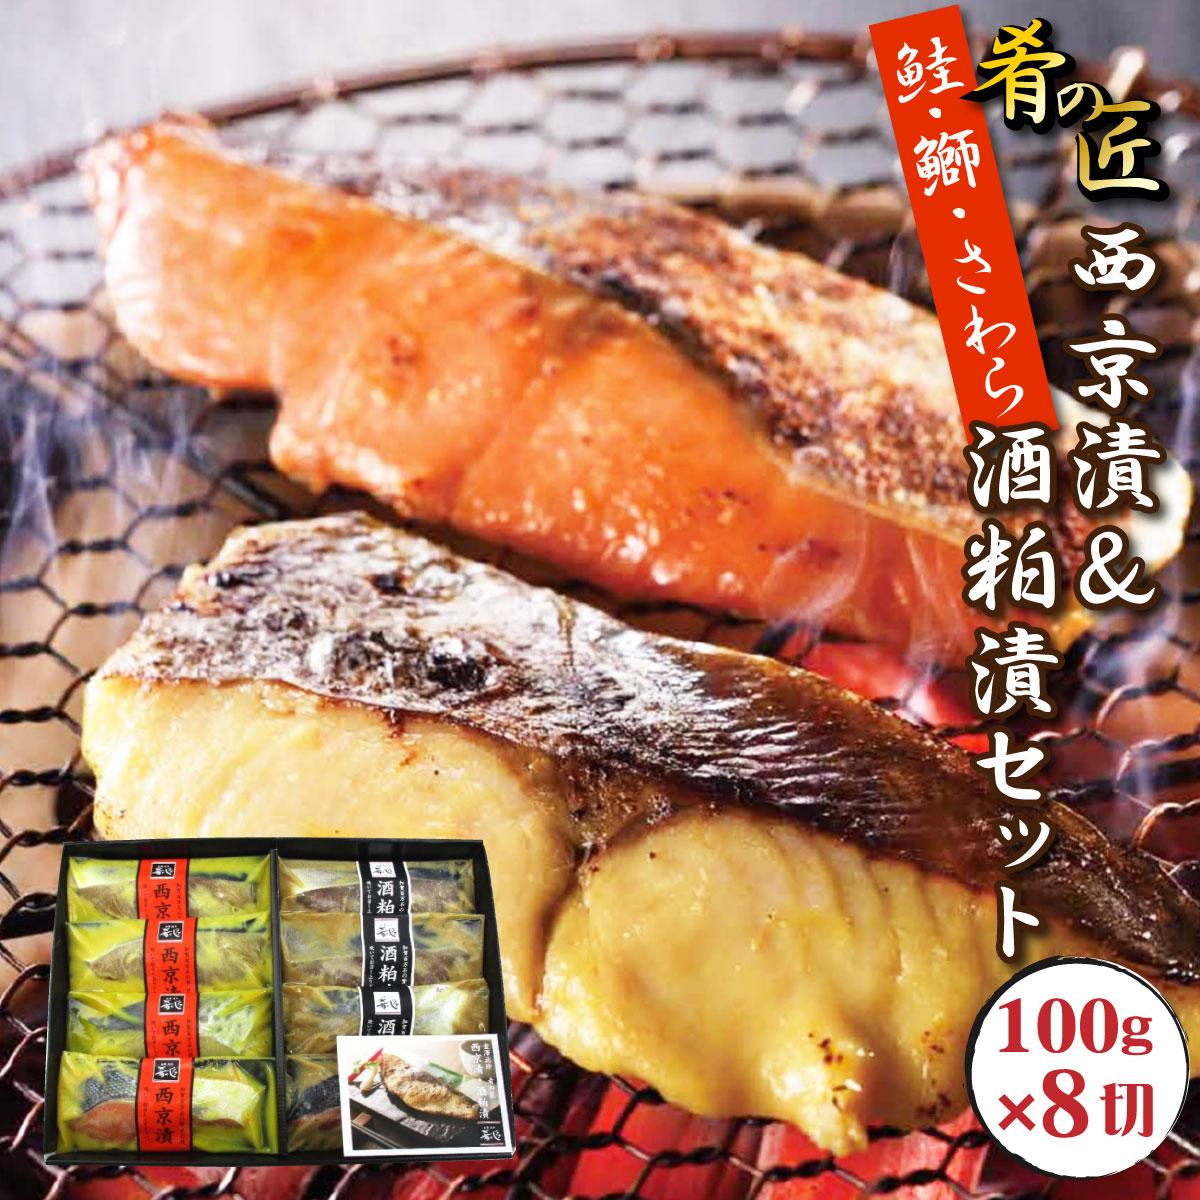 西京漬・酒粕漬8切セット (100g×8切) 鮭 鰆 鰤